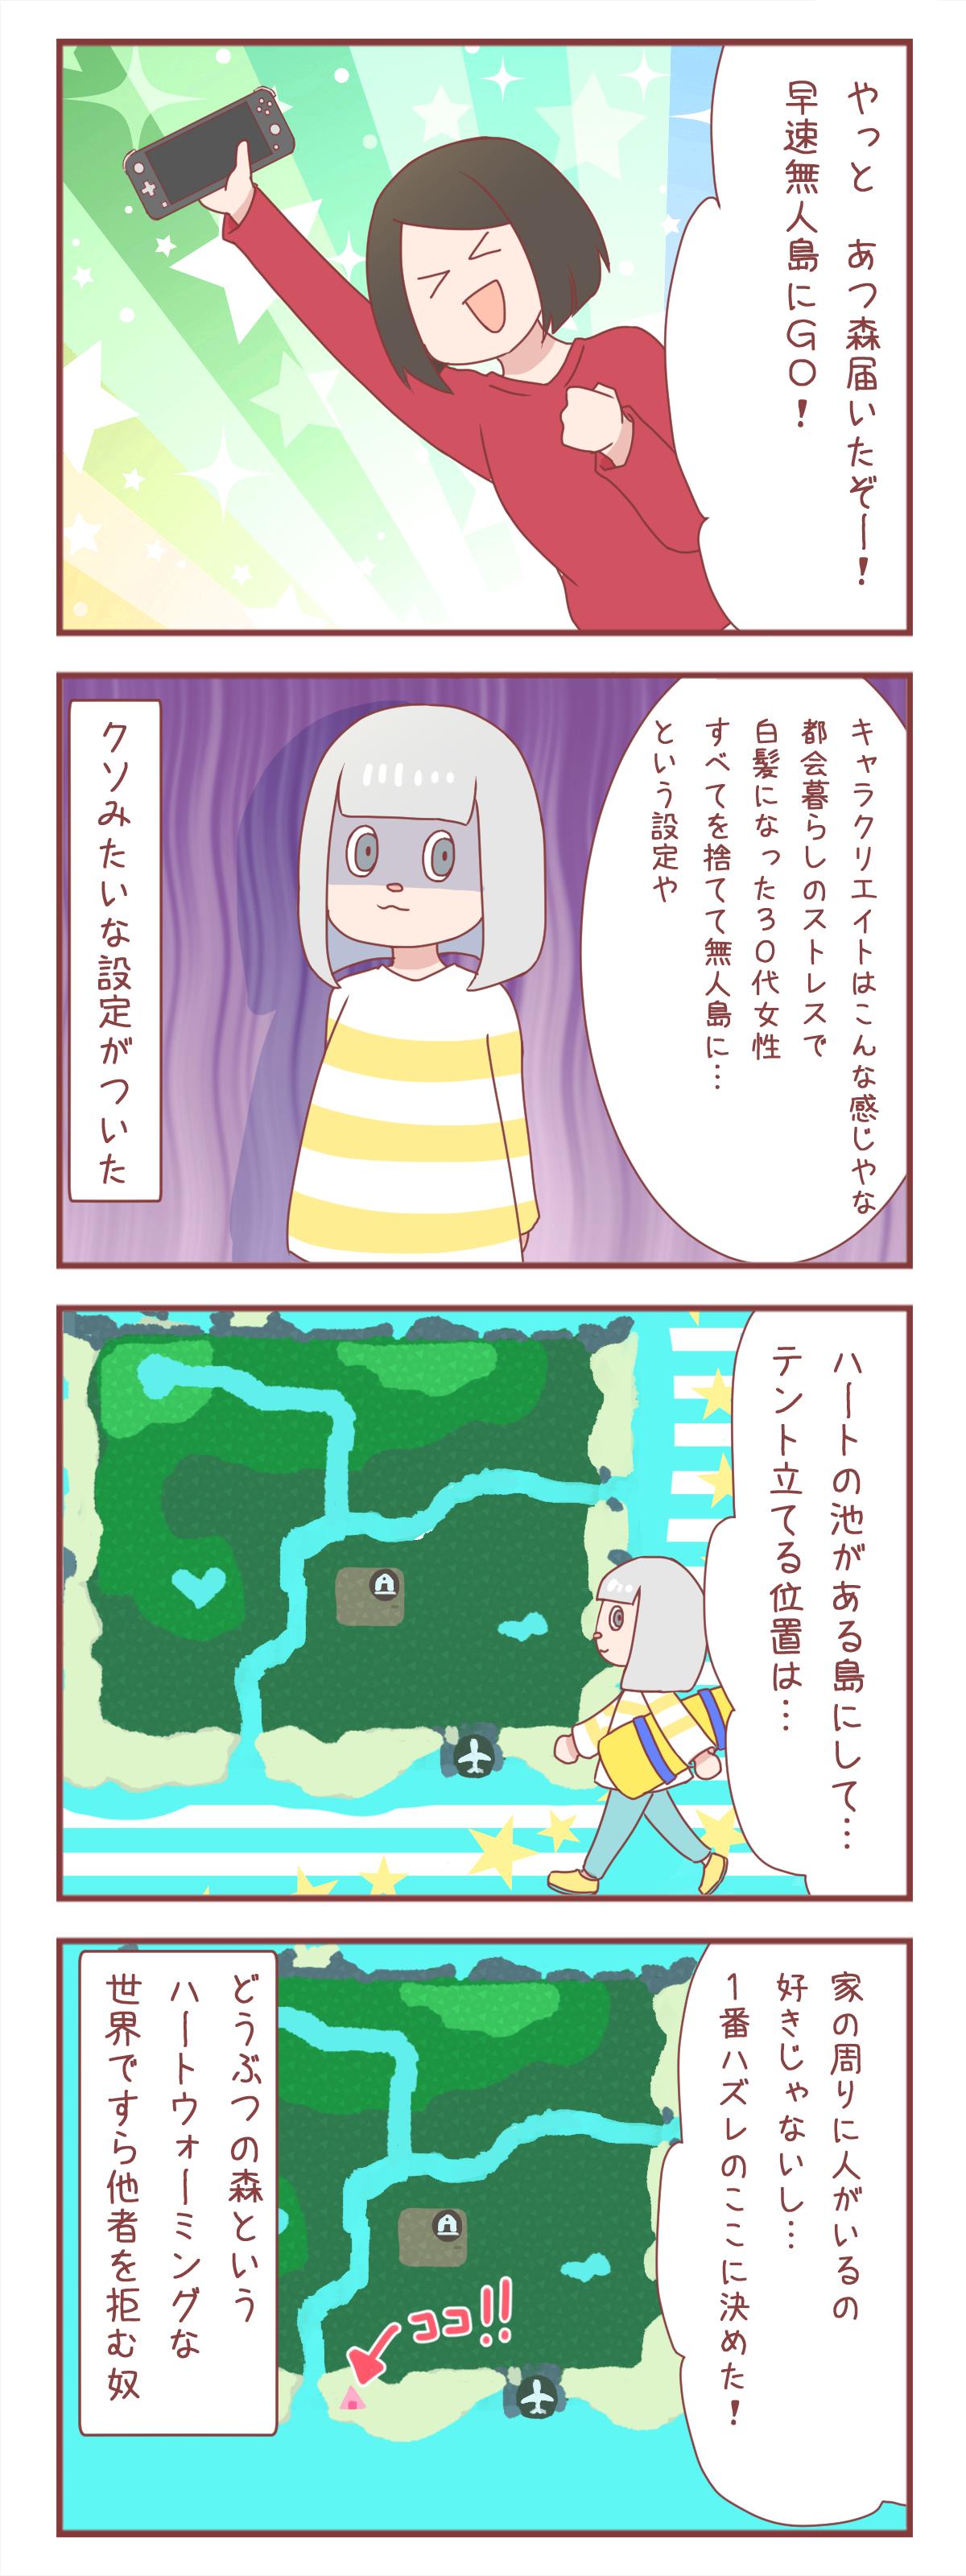 森 ランキング あつ キャラクター